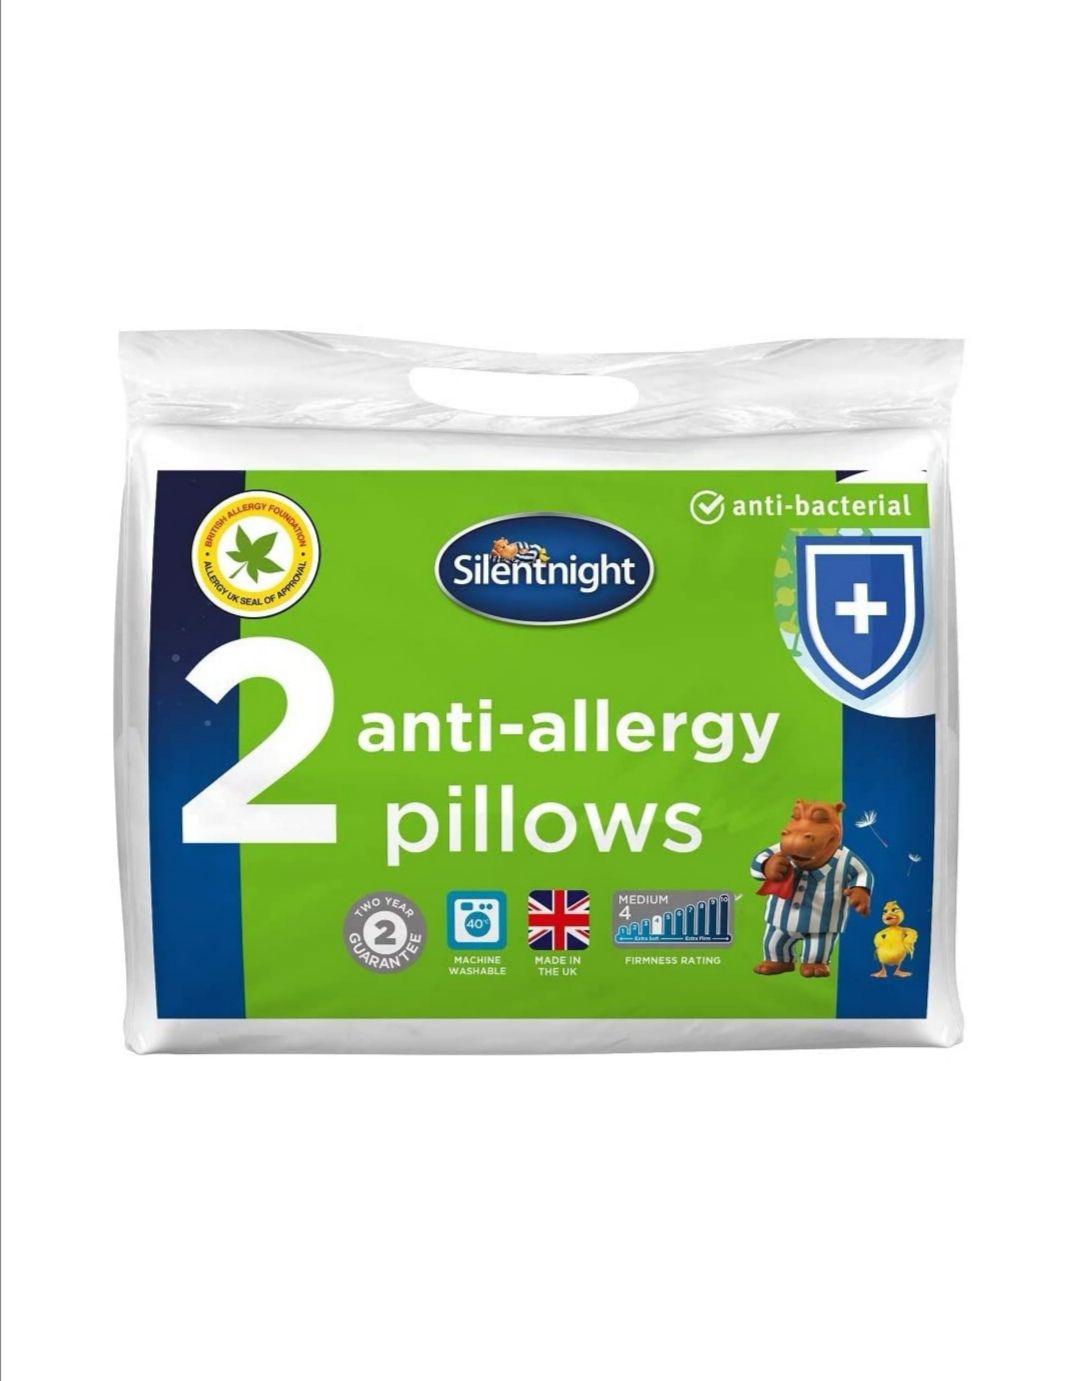 Silentnight Anti-Allergy Pillow - White, Pack of 2, Anti-Bacterial £12 Amazon Prime / £16.49 Non Prime